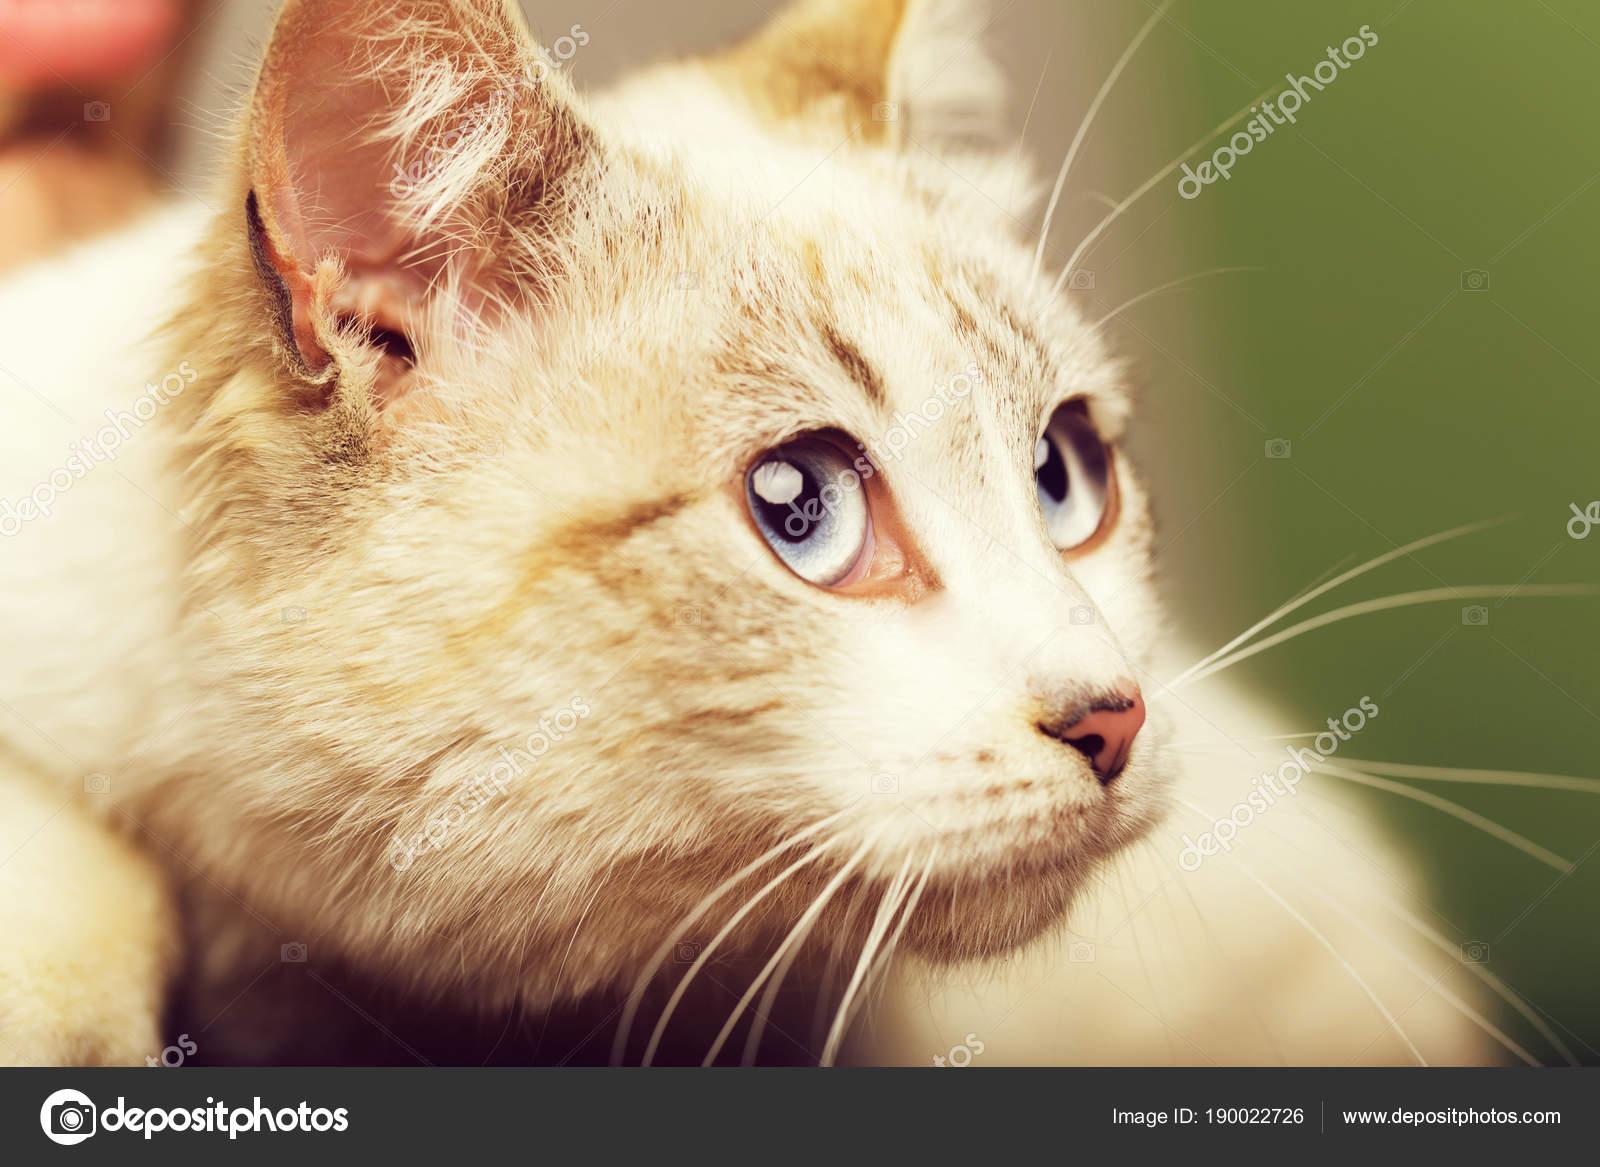 Kot Z Wielkie Oczy Zdjęcie Stockowe Tverdohlibcom 190022726